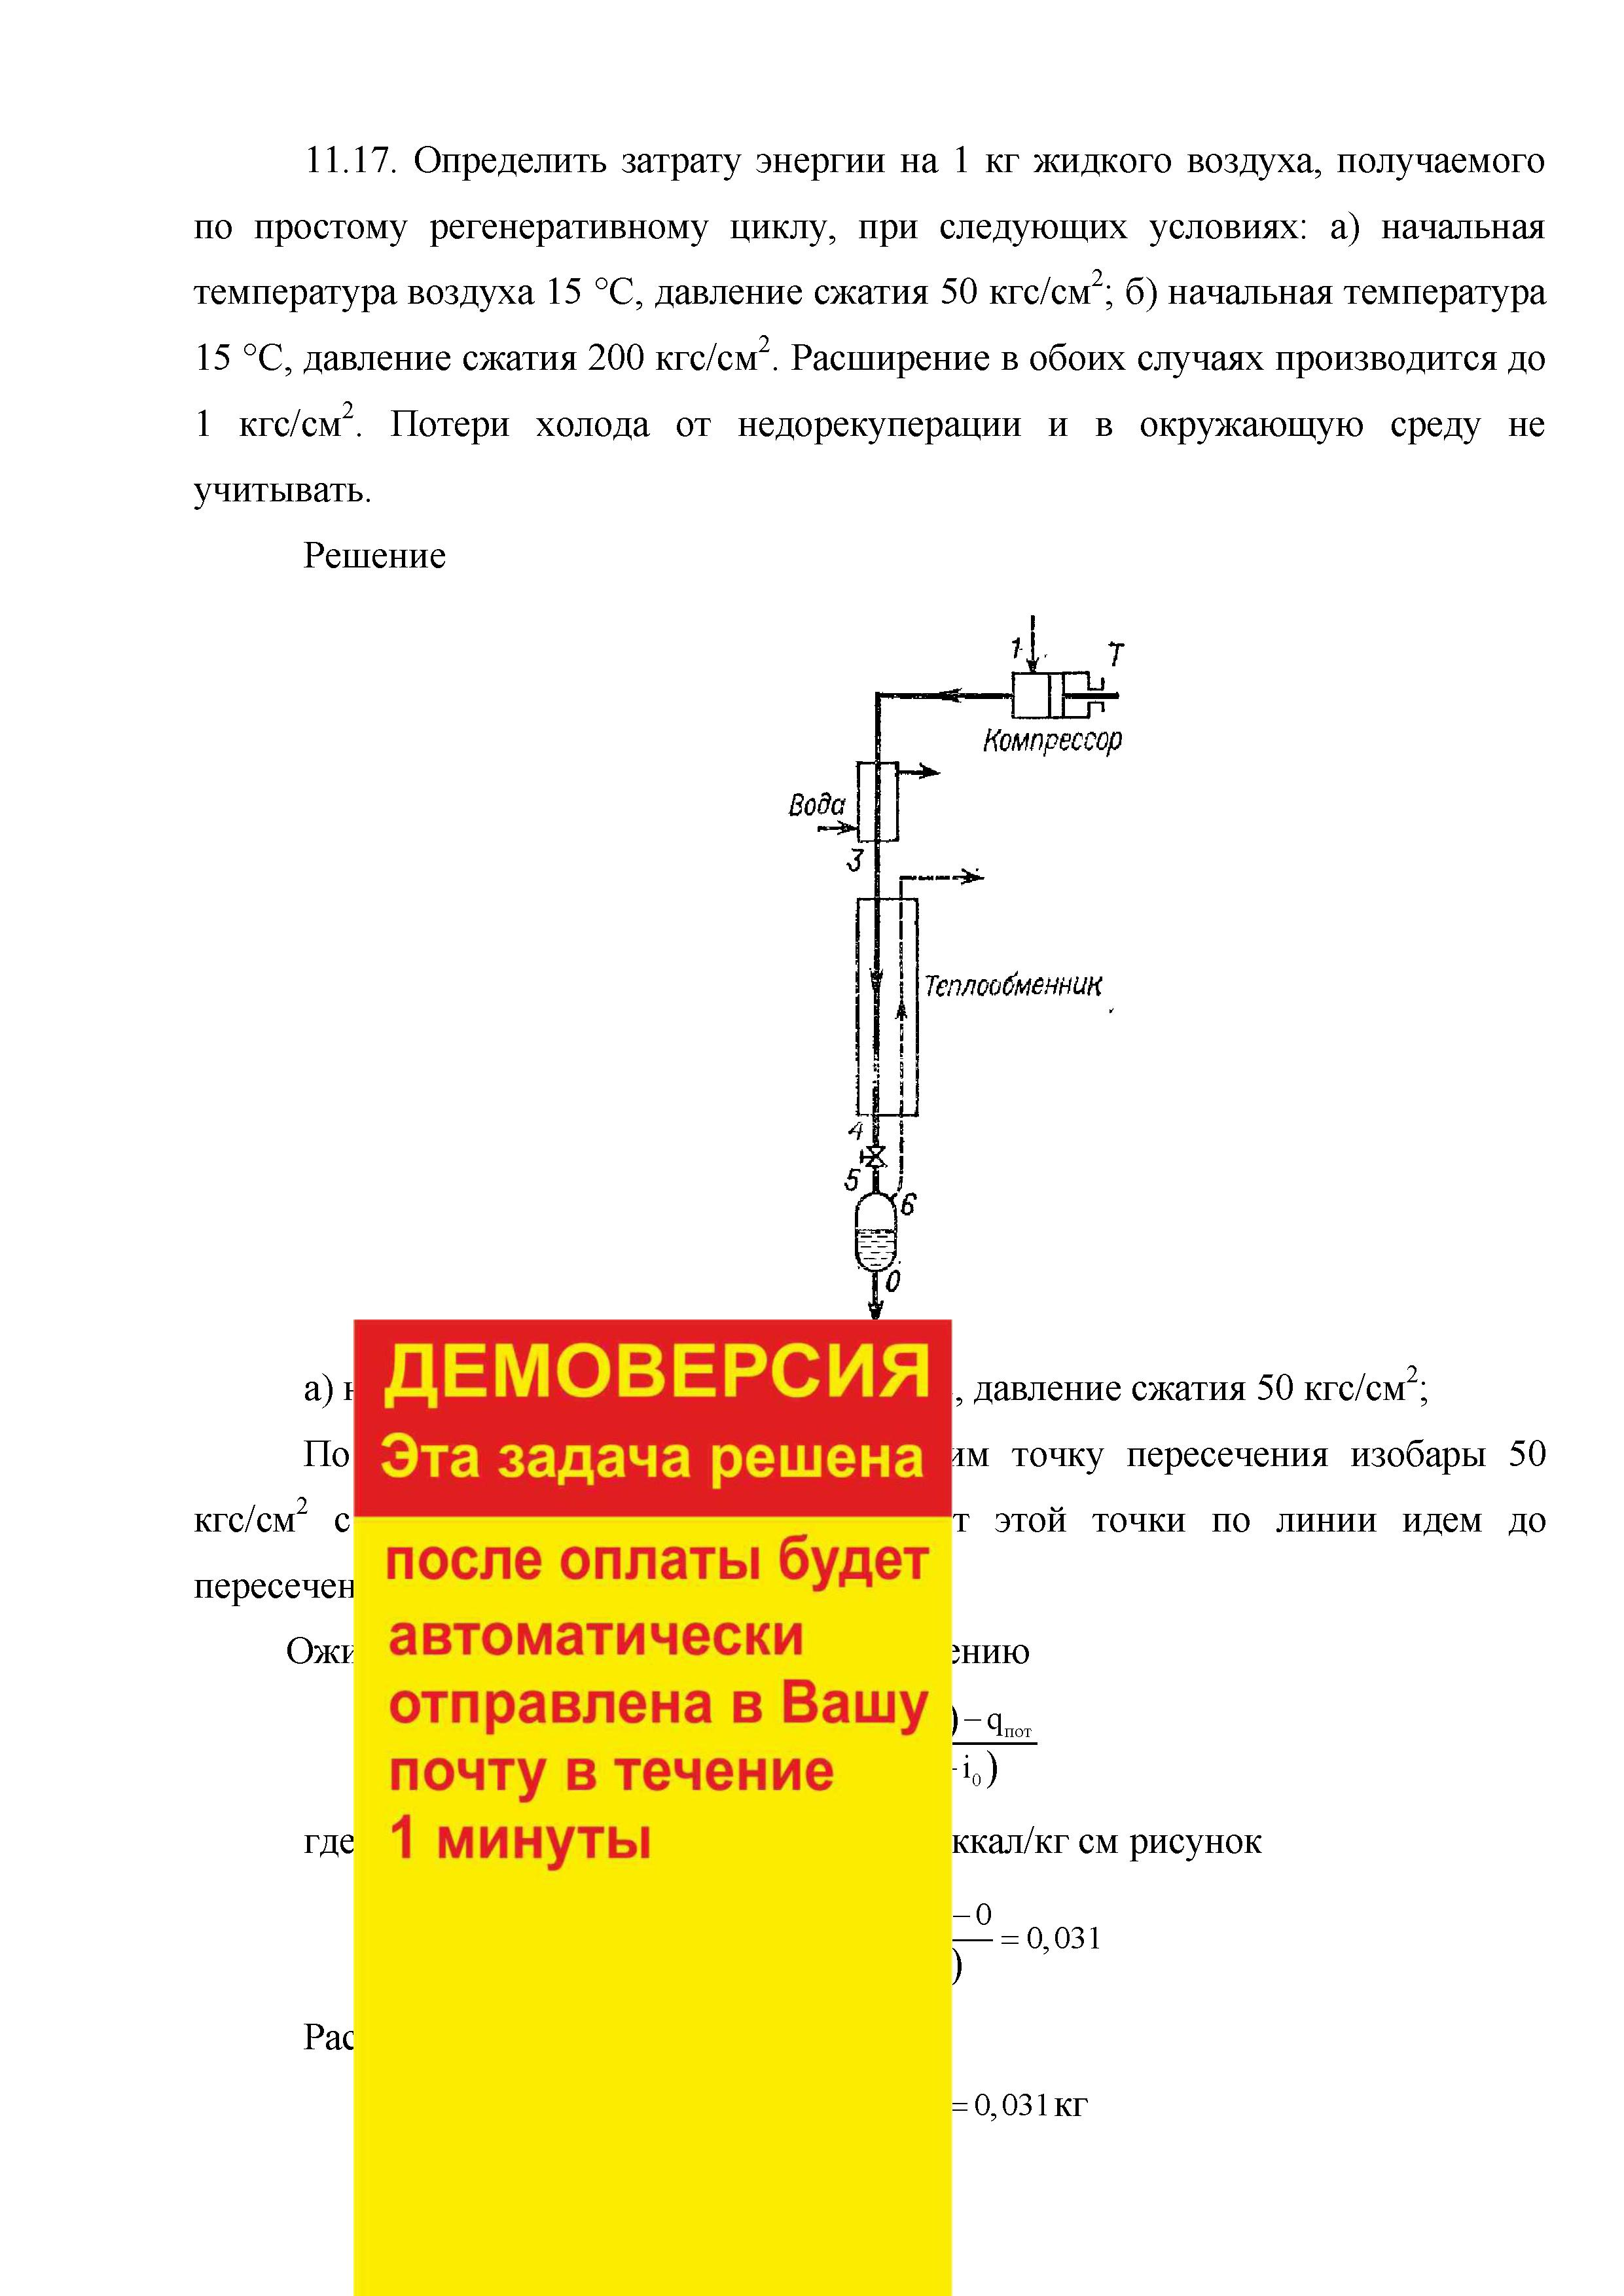 Решение задачи 11.17  по ПАХТ из задачника Павлова Романкова Носкова